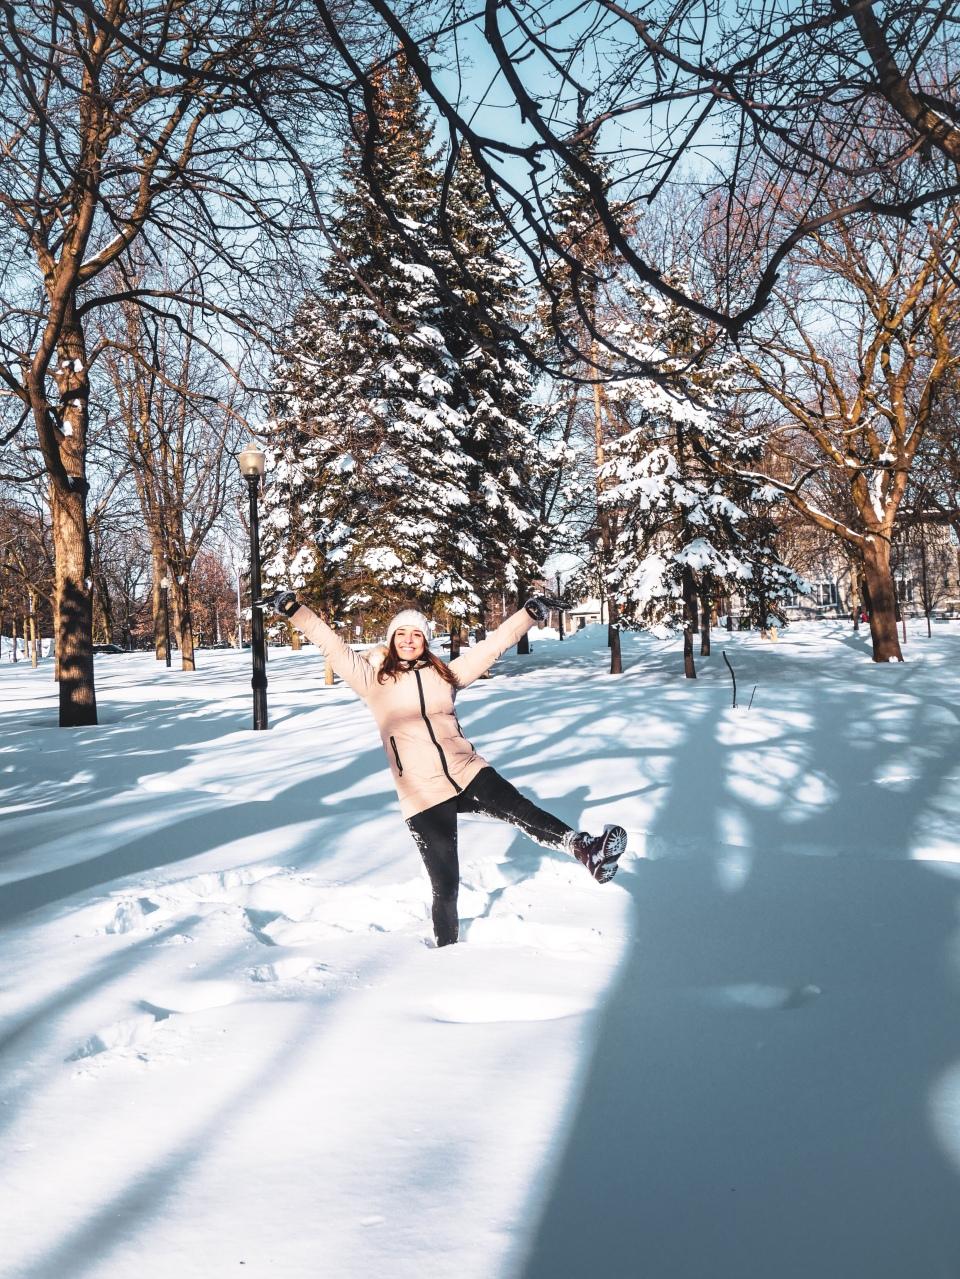 Le Parc La Fontaine sous la neige - L'Hiver à Montréal, Canada - Blog Voyage Ma Folie Vagabonde